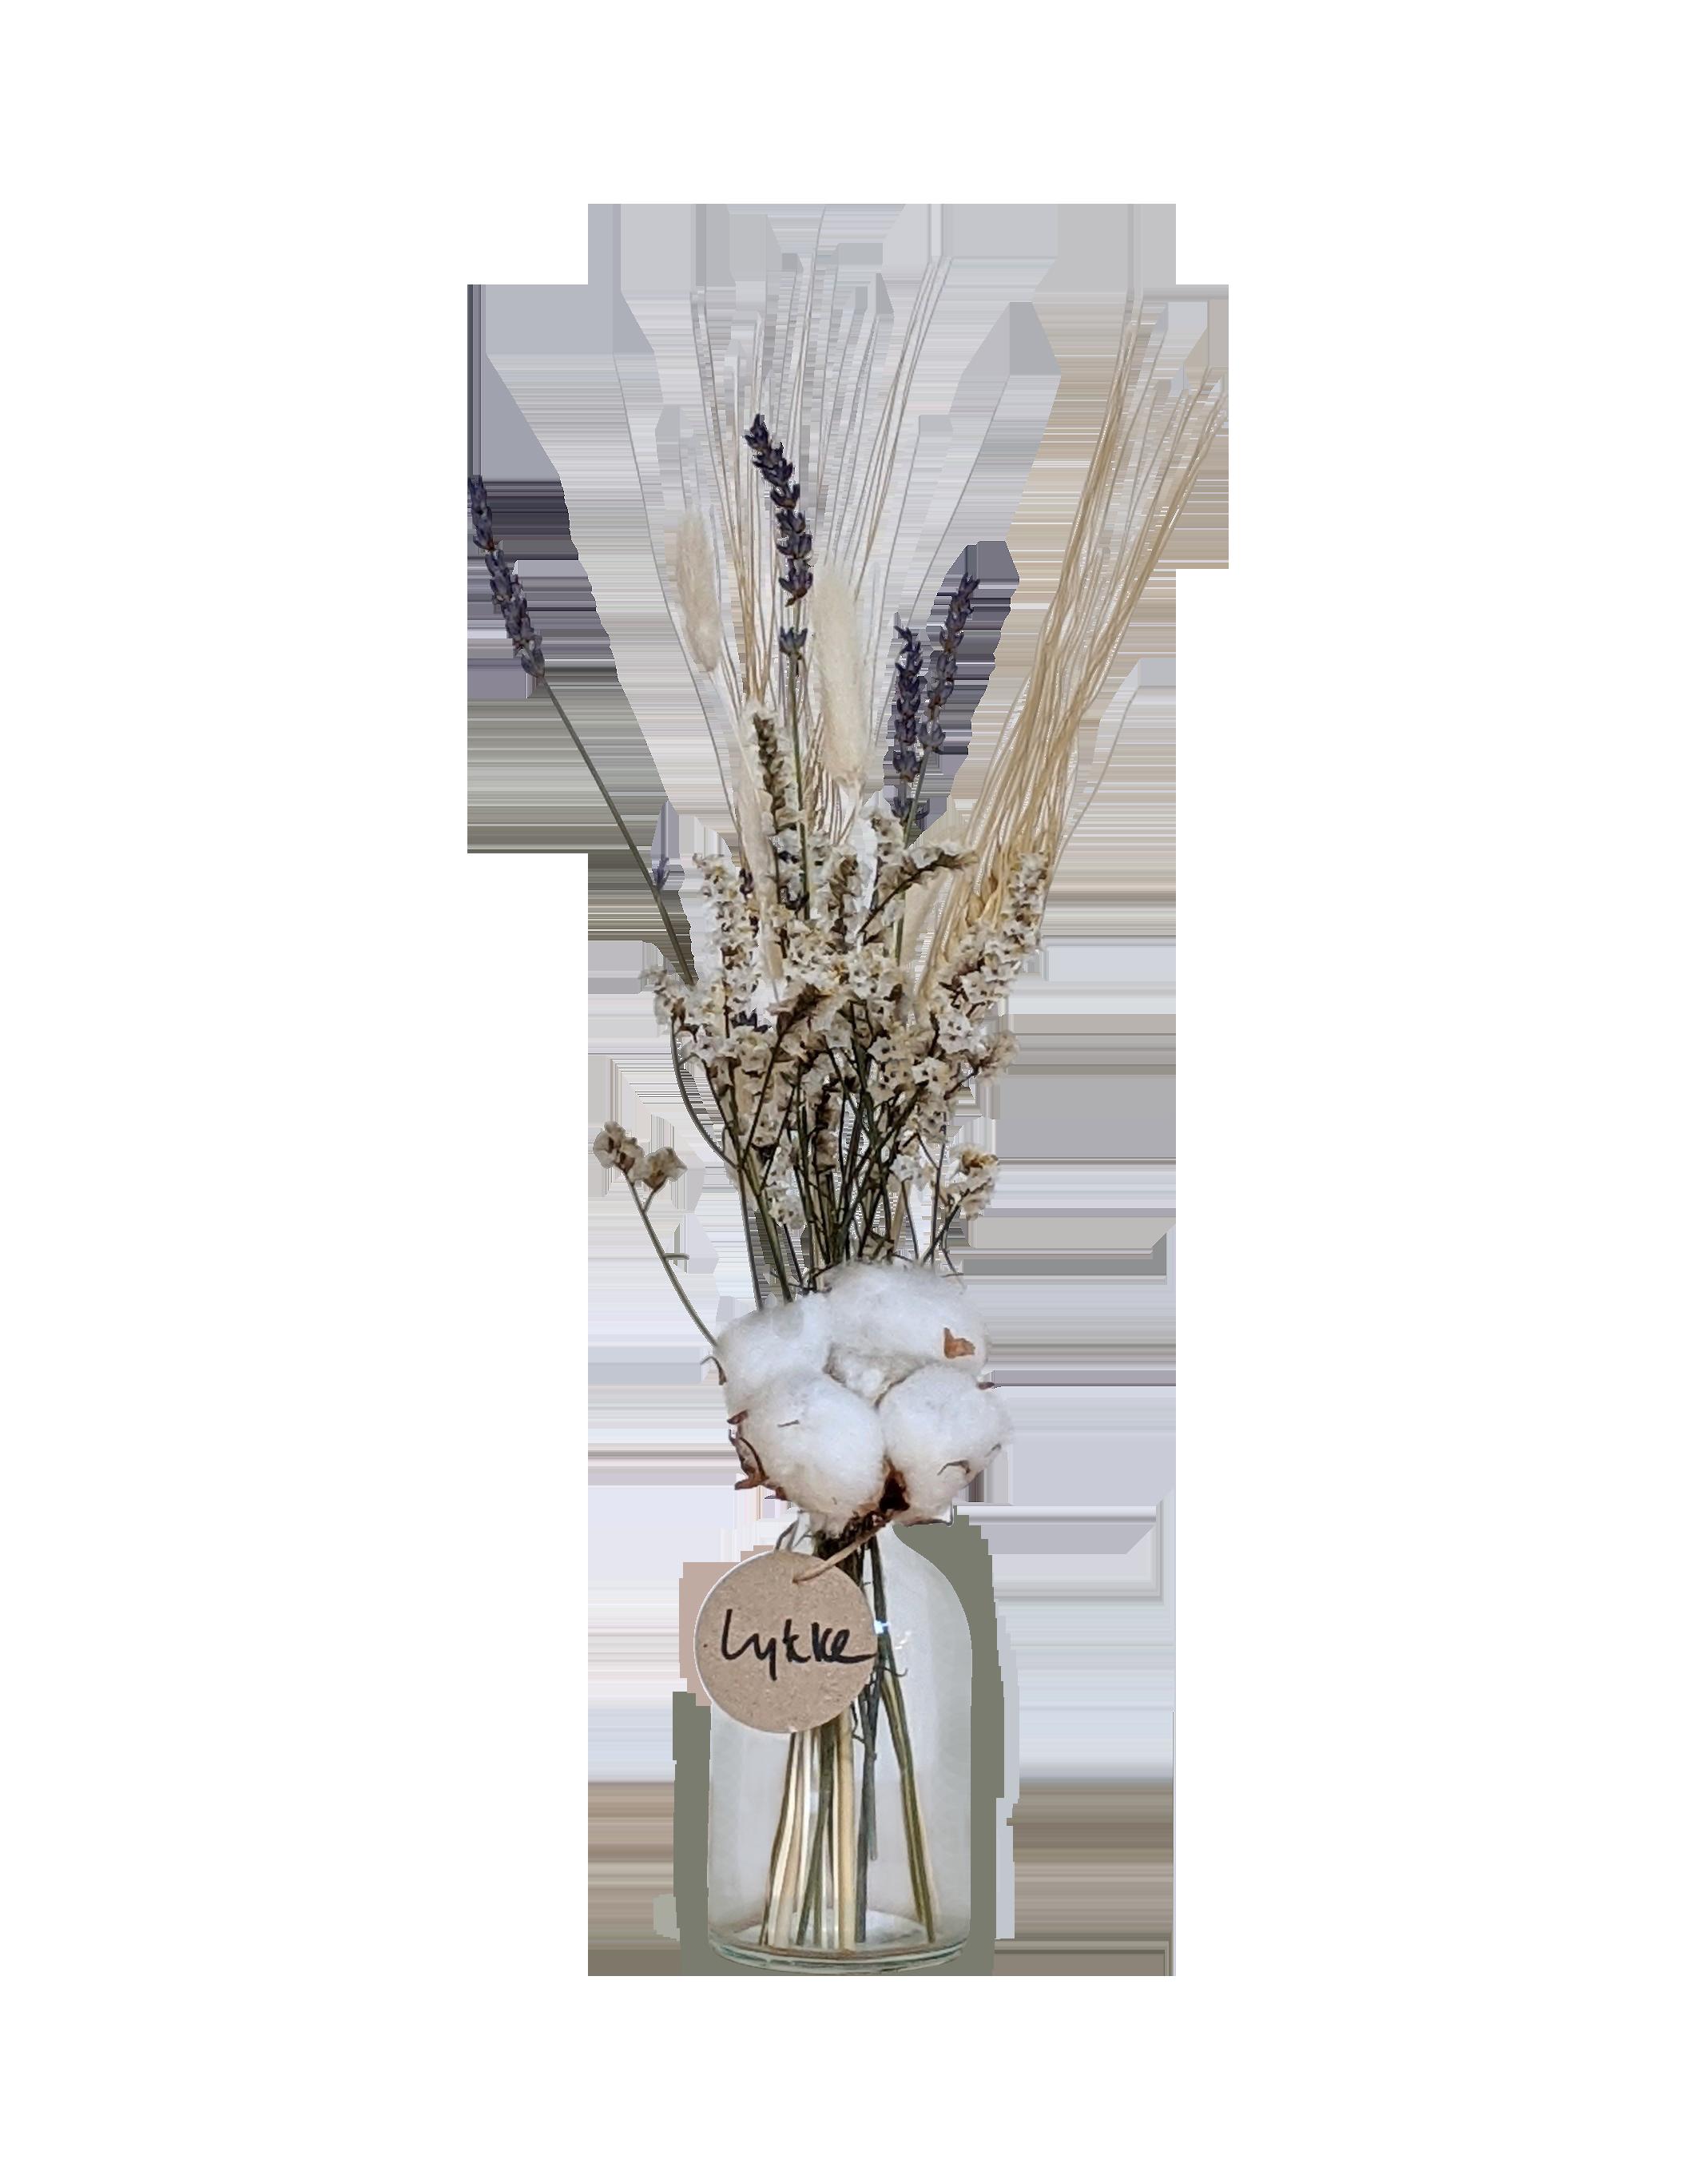 בקבוקון שקוף של פרחים מיובשים עם כותנה לבנדר חיטה לימוניום יבשים